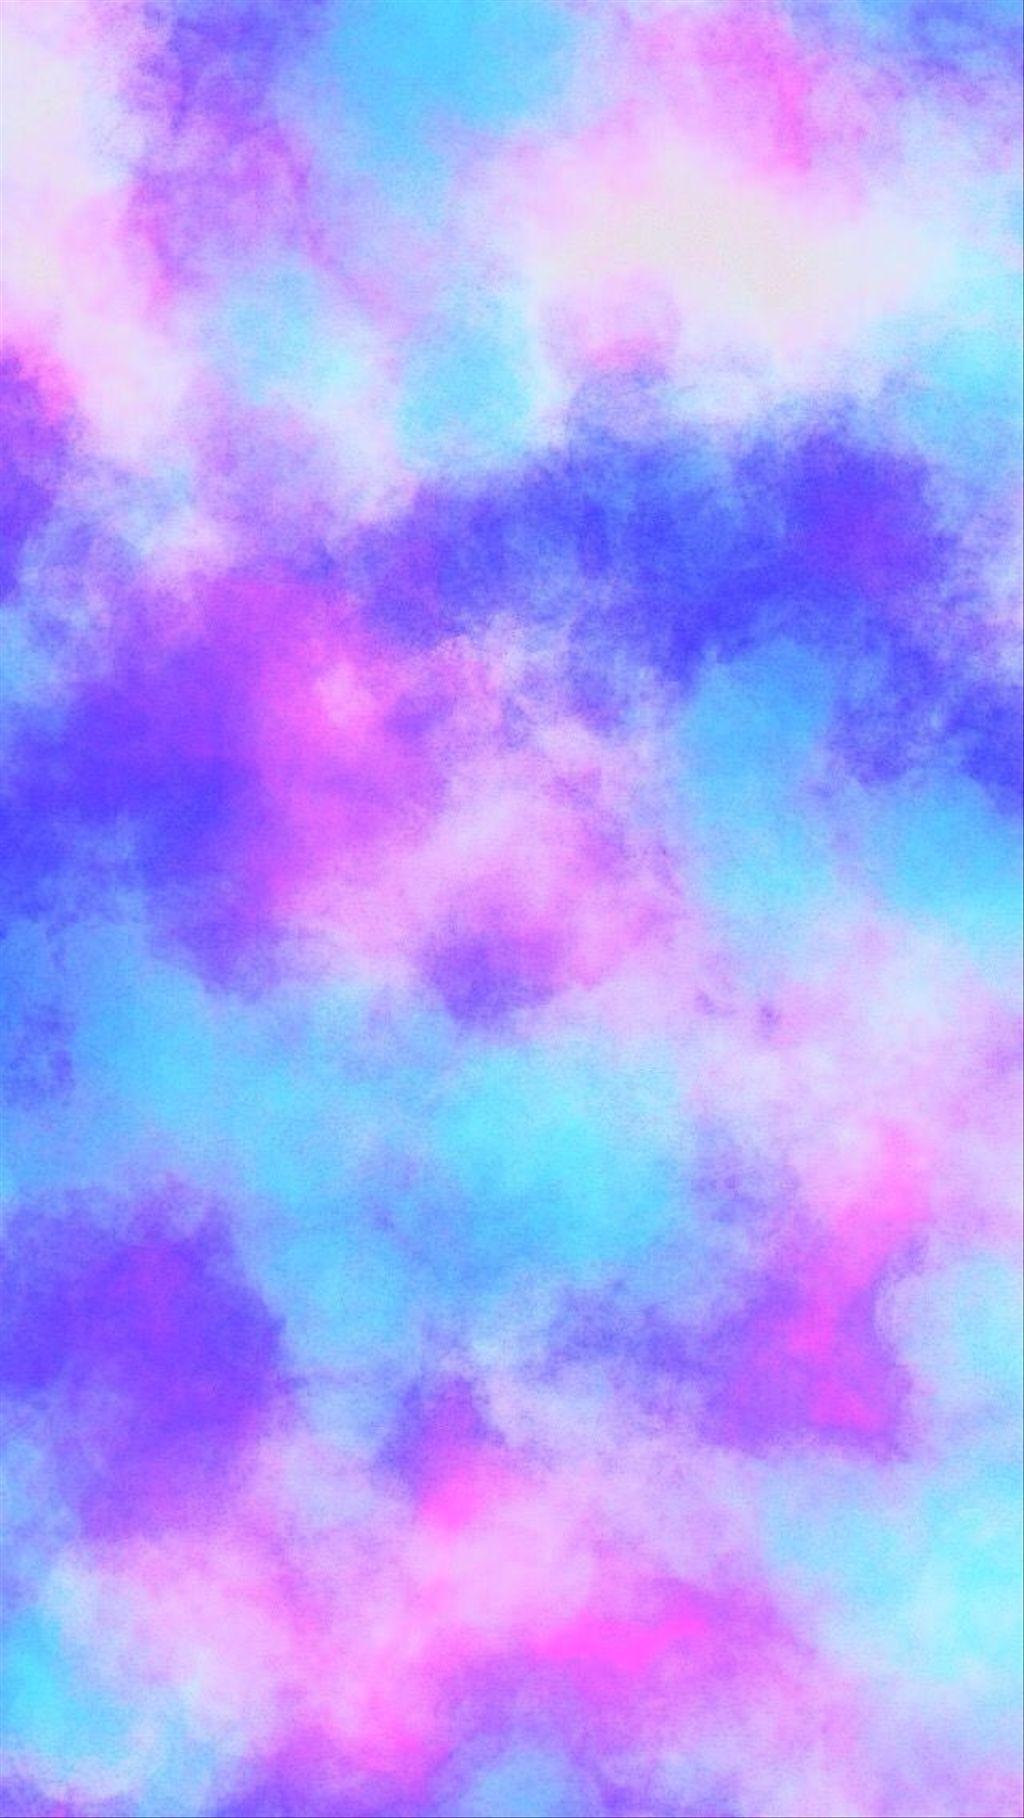 Sky Blue Purple Violet Pink Pattern Aquarell Tapete Regenbogen Hintergrundbild Hintergrund Iphone